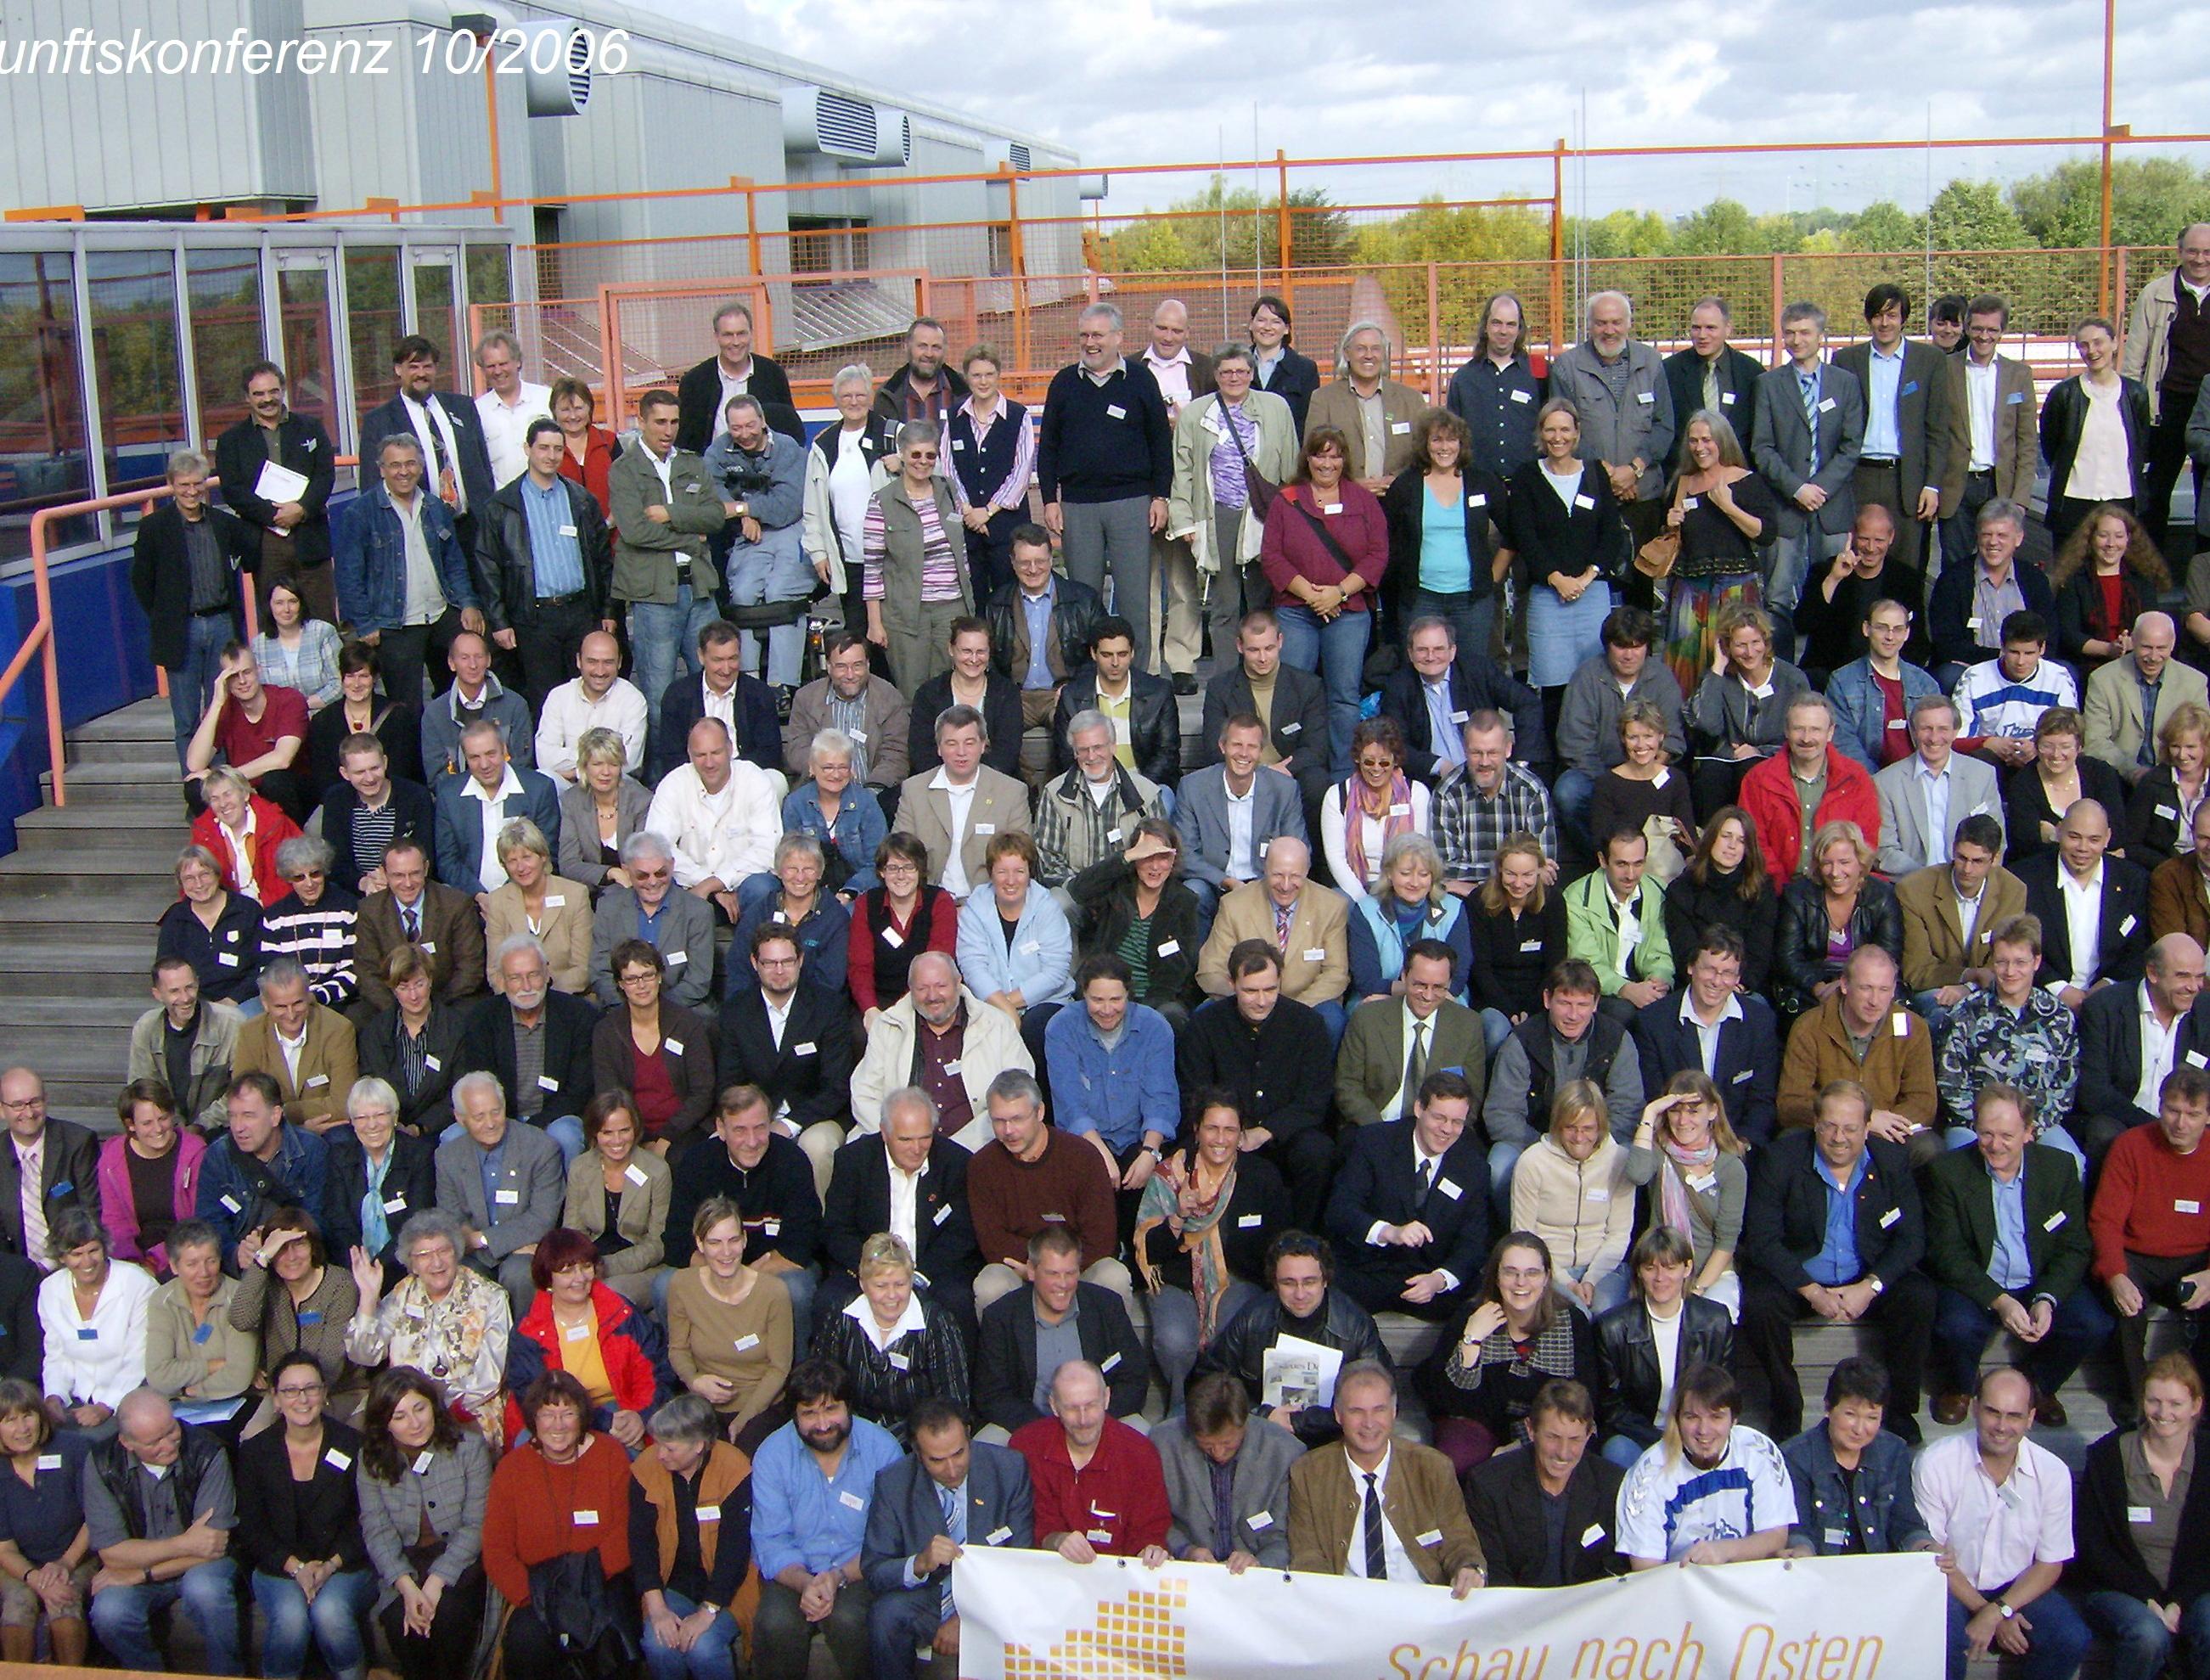 Zukunftskonferenz2006